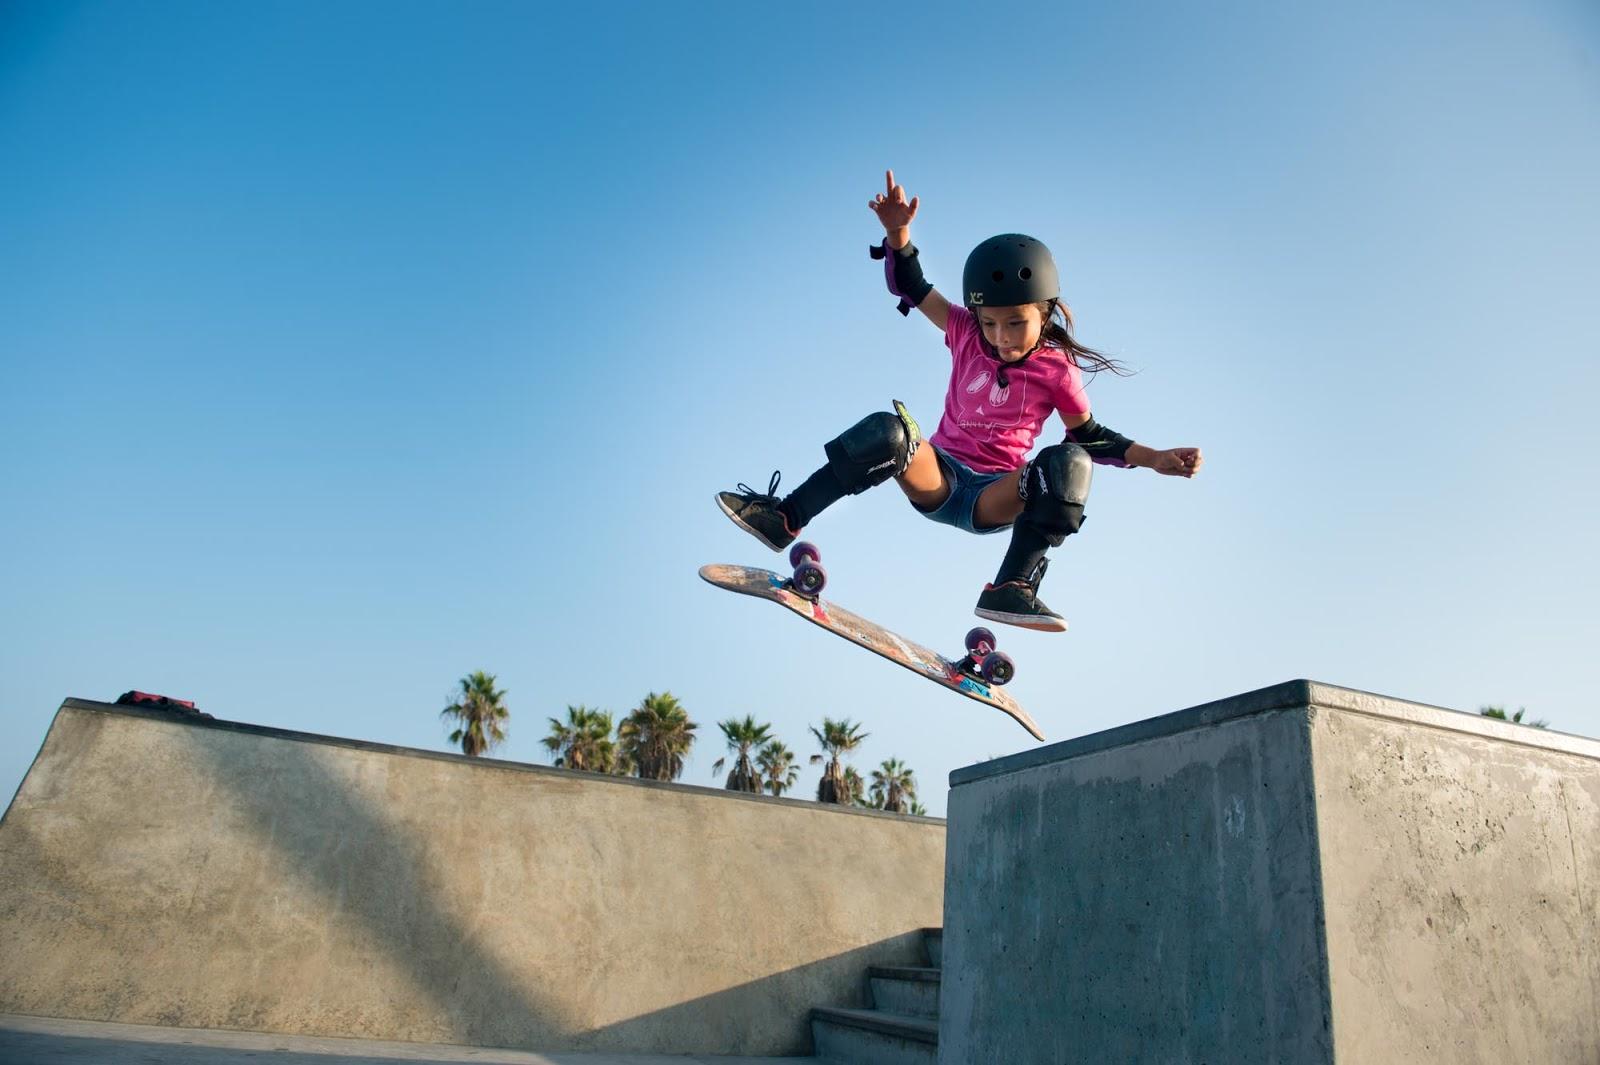 Esta niña skater de 8 años se convierte en viral por su forma de patinar